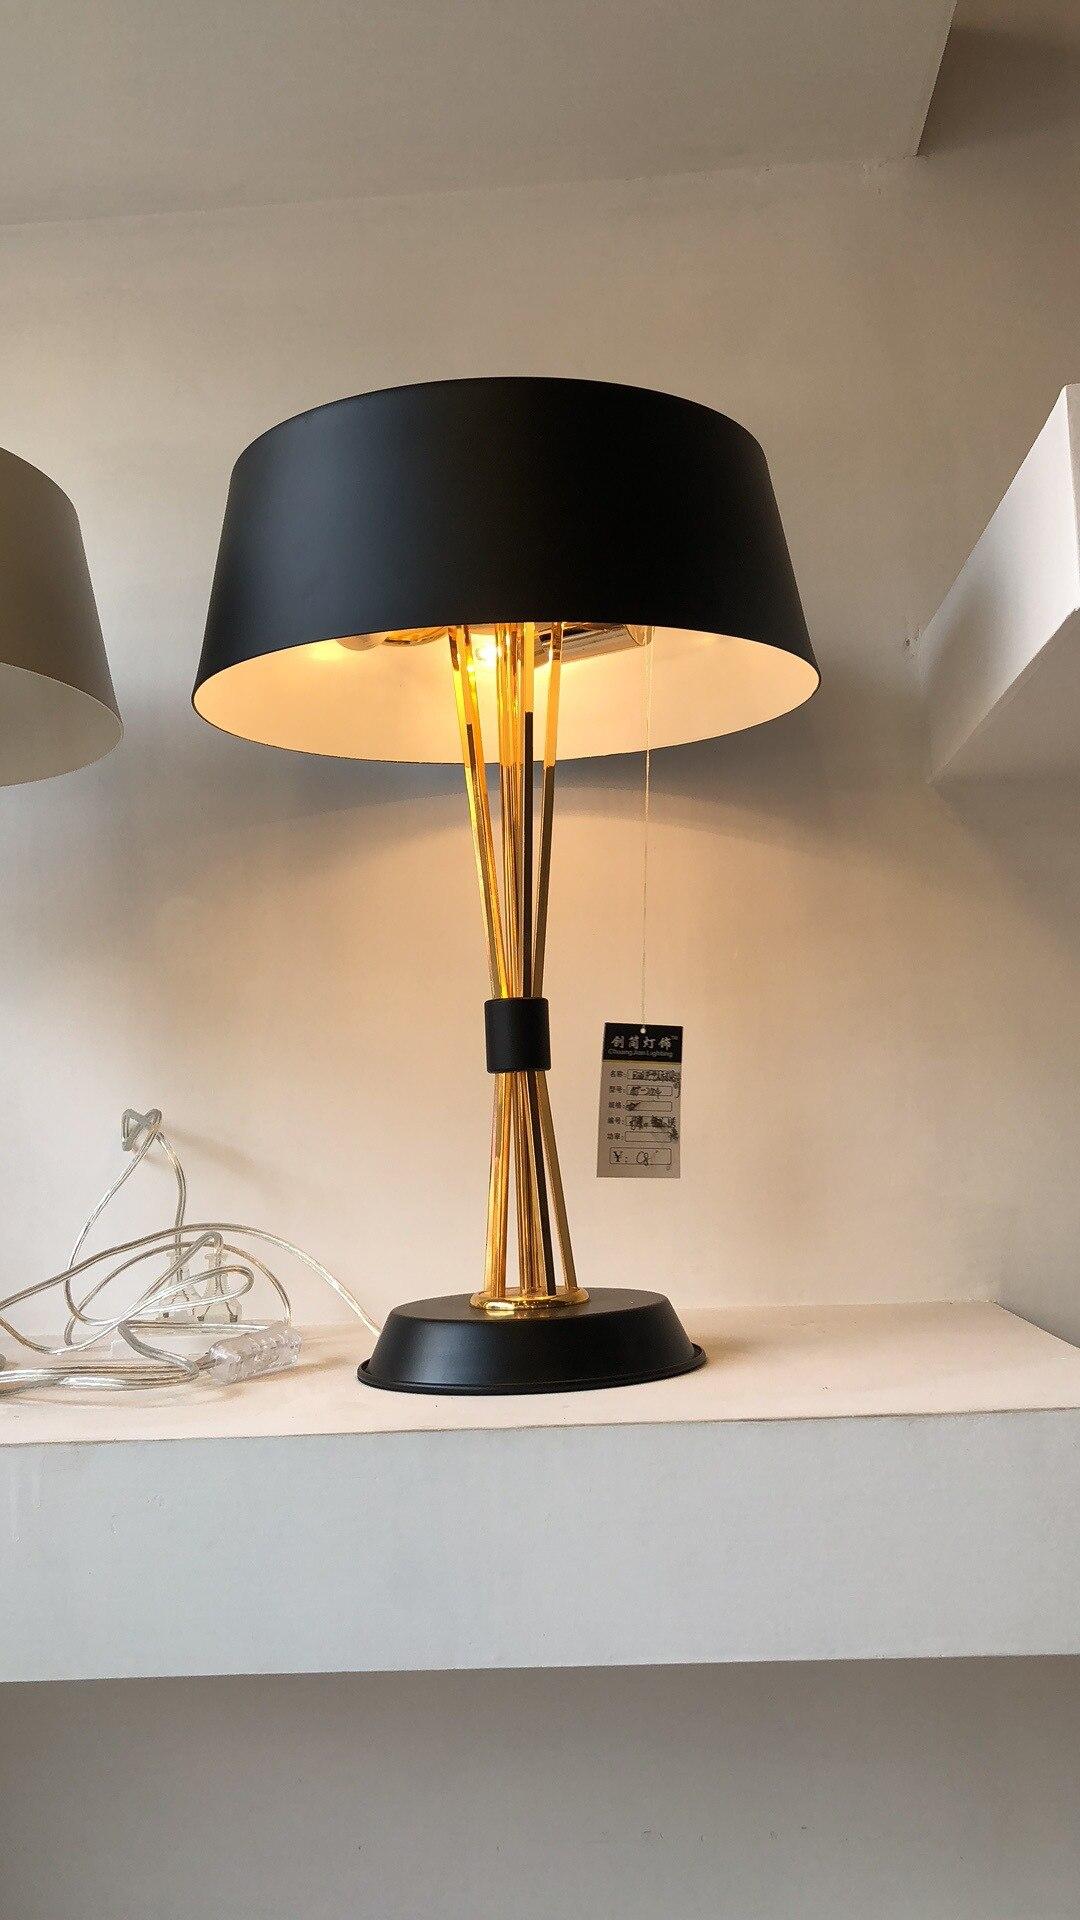 Nordique Moderne Lampe de Table Lampe De Bureau Utilisé dans la Chambre Table de chevet Bureau - 4